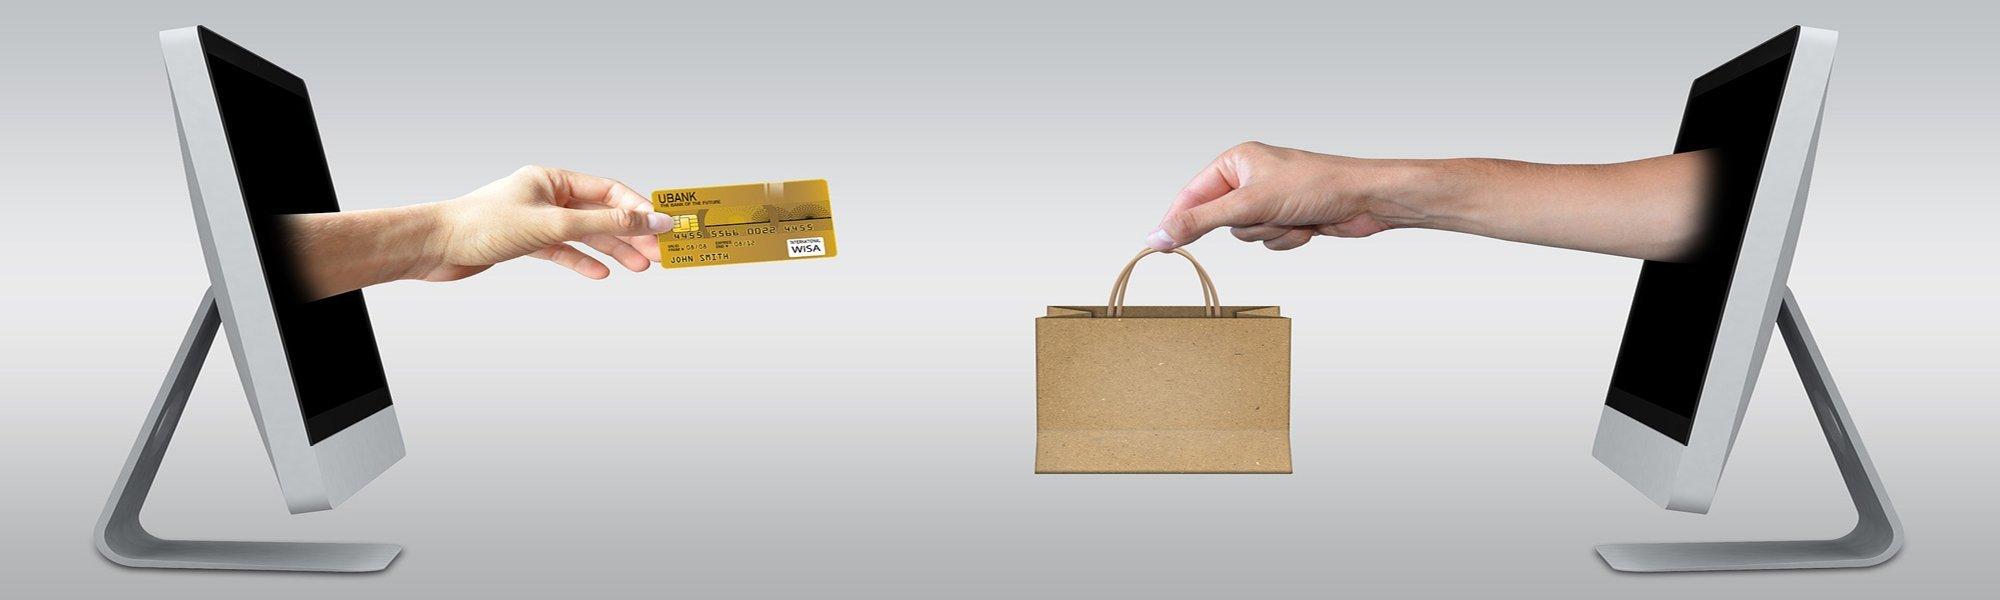 ecommerce e-commerce